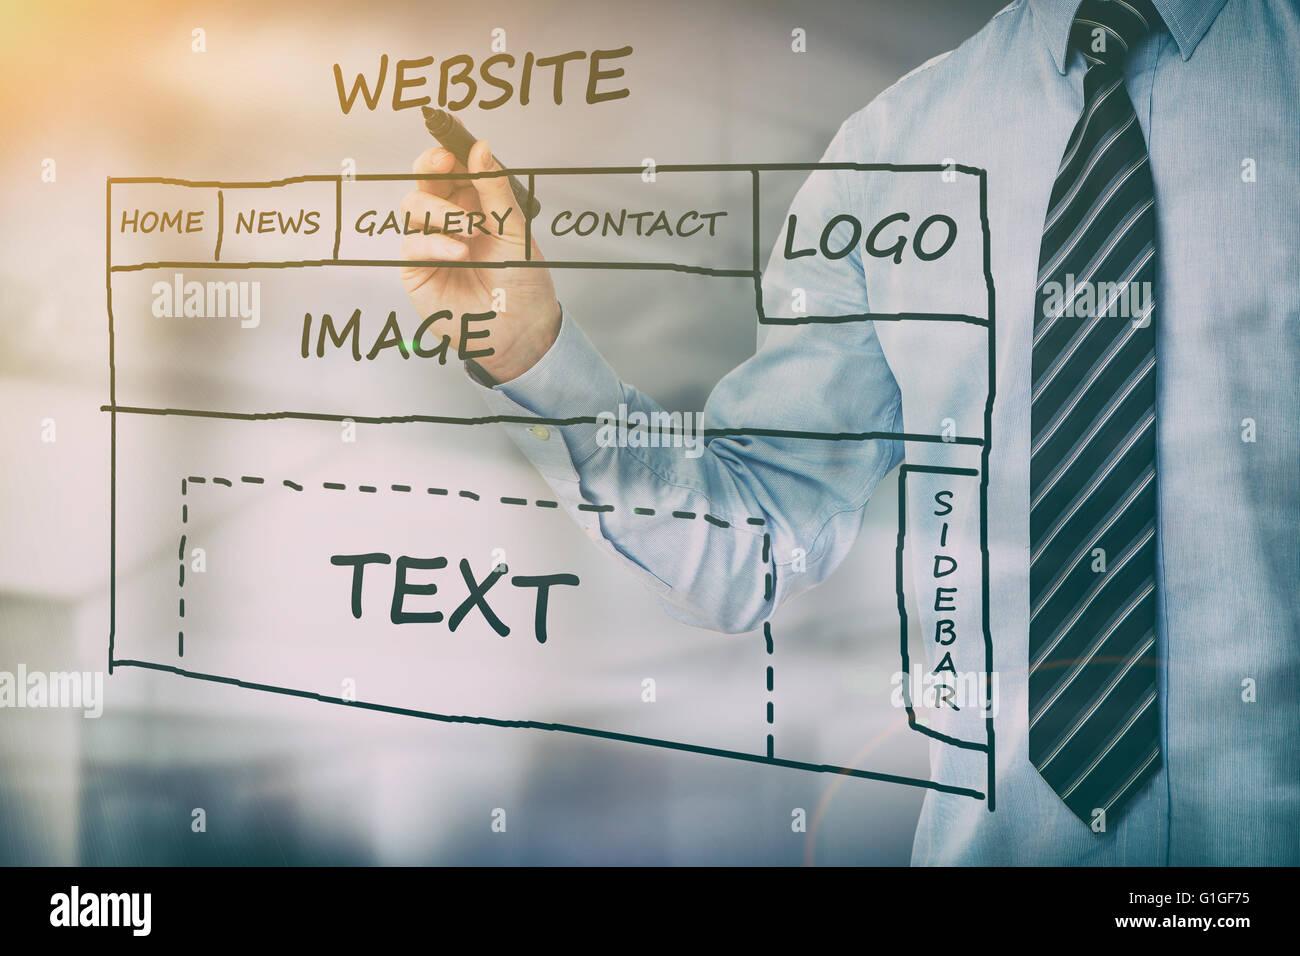 Développement web designer conception de contenu seo - image Photo Stock